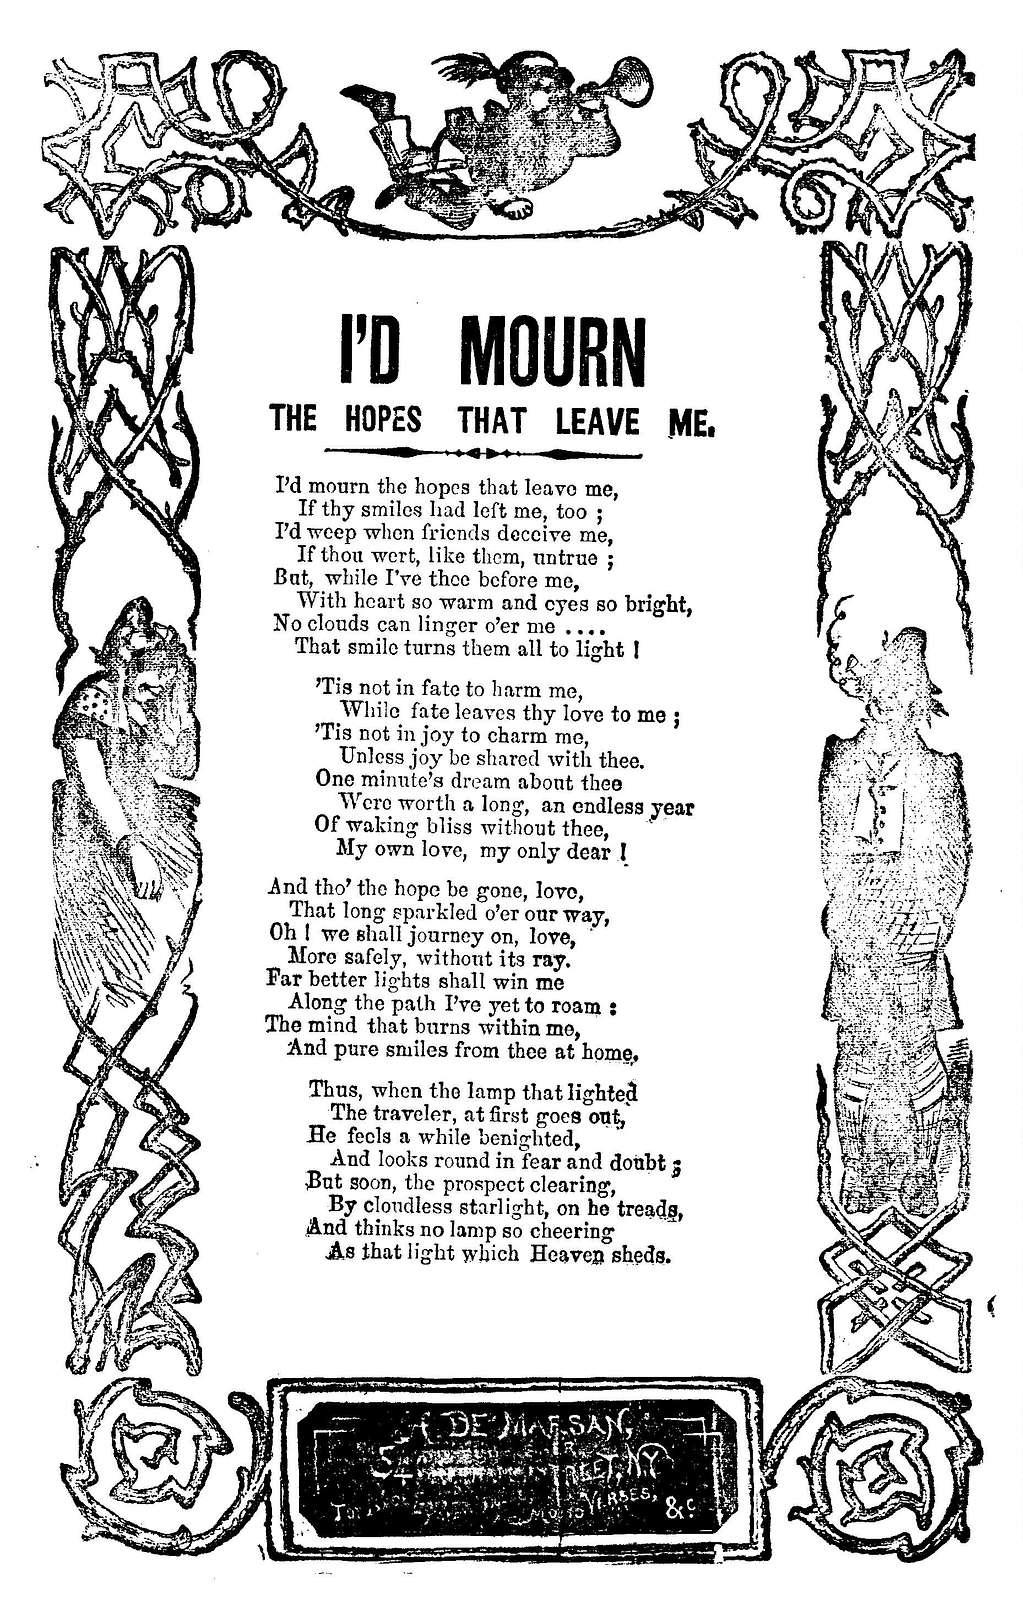 I'd mourn the hopes that leave me. H. De Marsan, Publisher, ... 54 Chatham St., N. Y